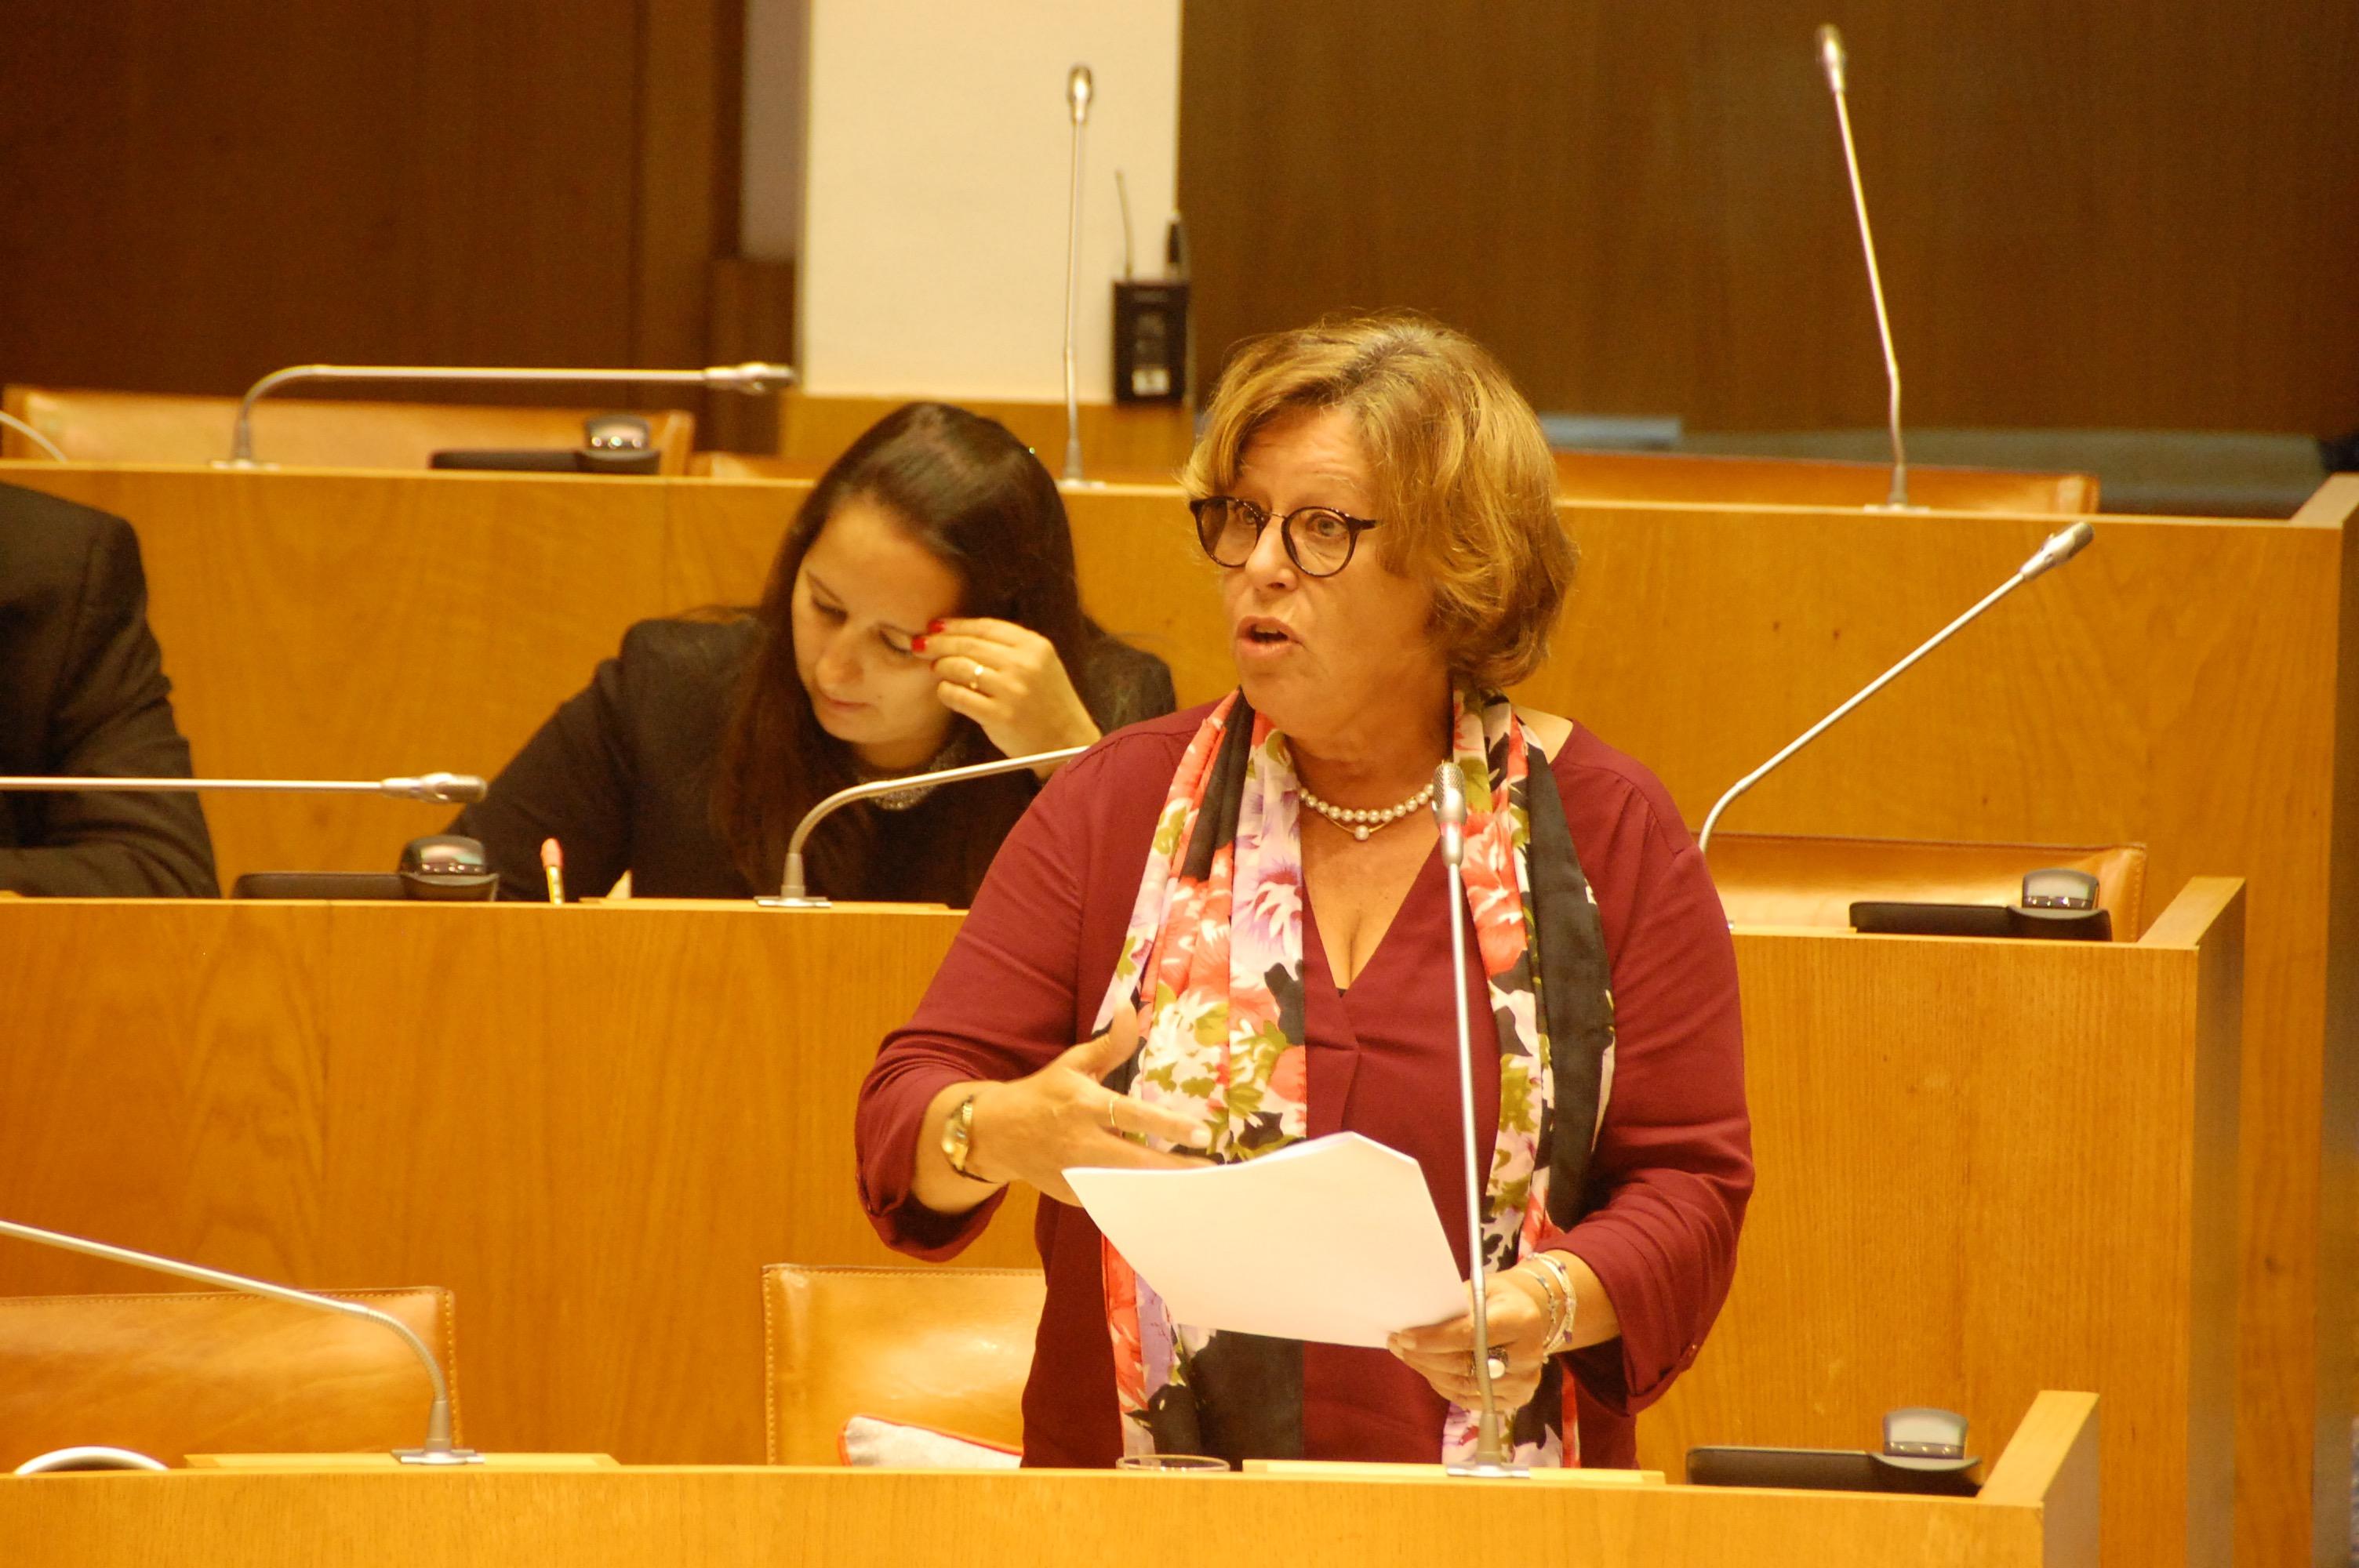 Governo em falta com envio de relatórios do Provedor do Utente da Saúde ao parlamento, acusa o BE